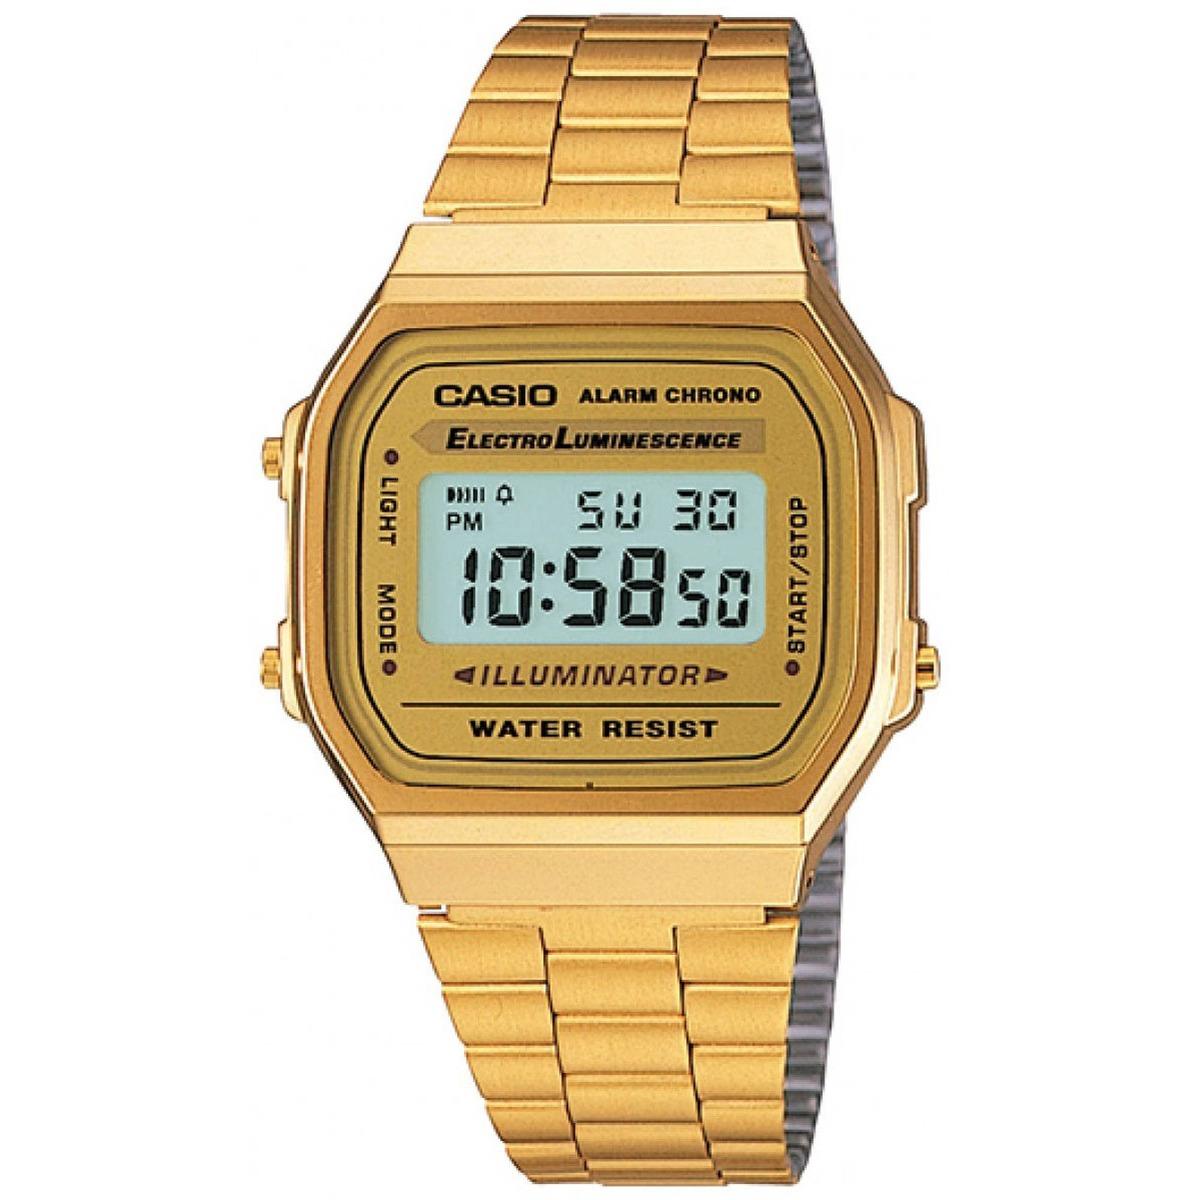 Del Casio Dorado A1 Hombre Acero Inoxidable Reloj Para OTZiPkXu